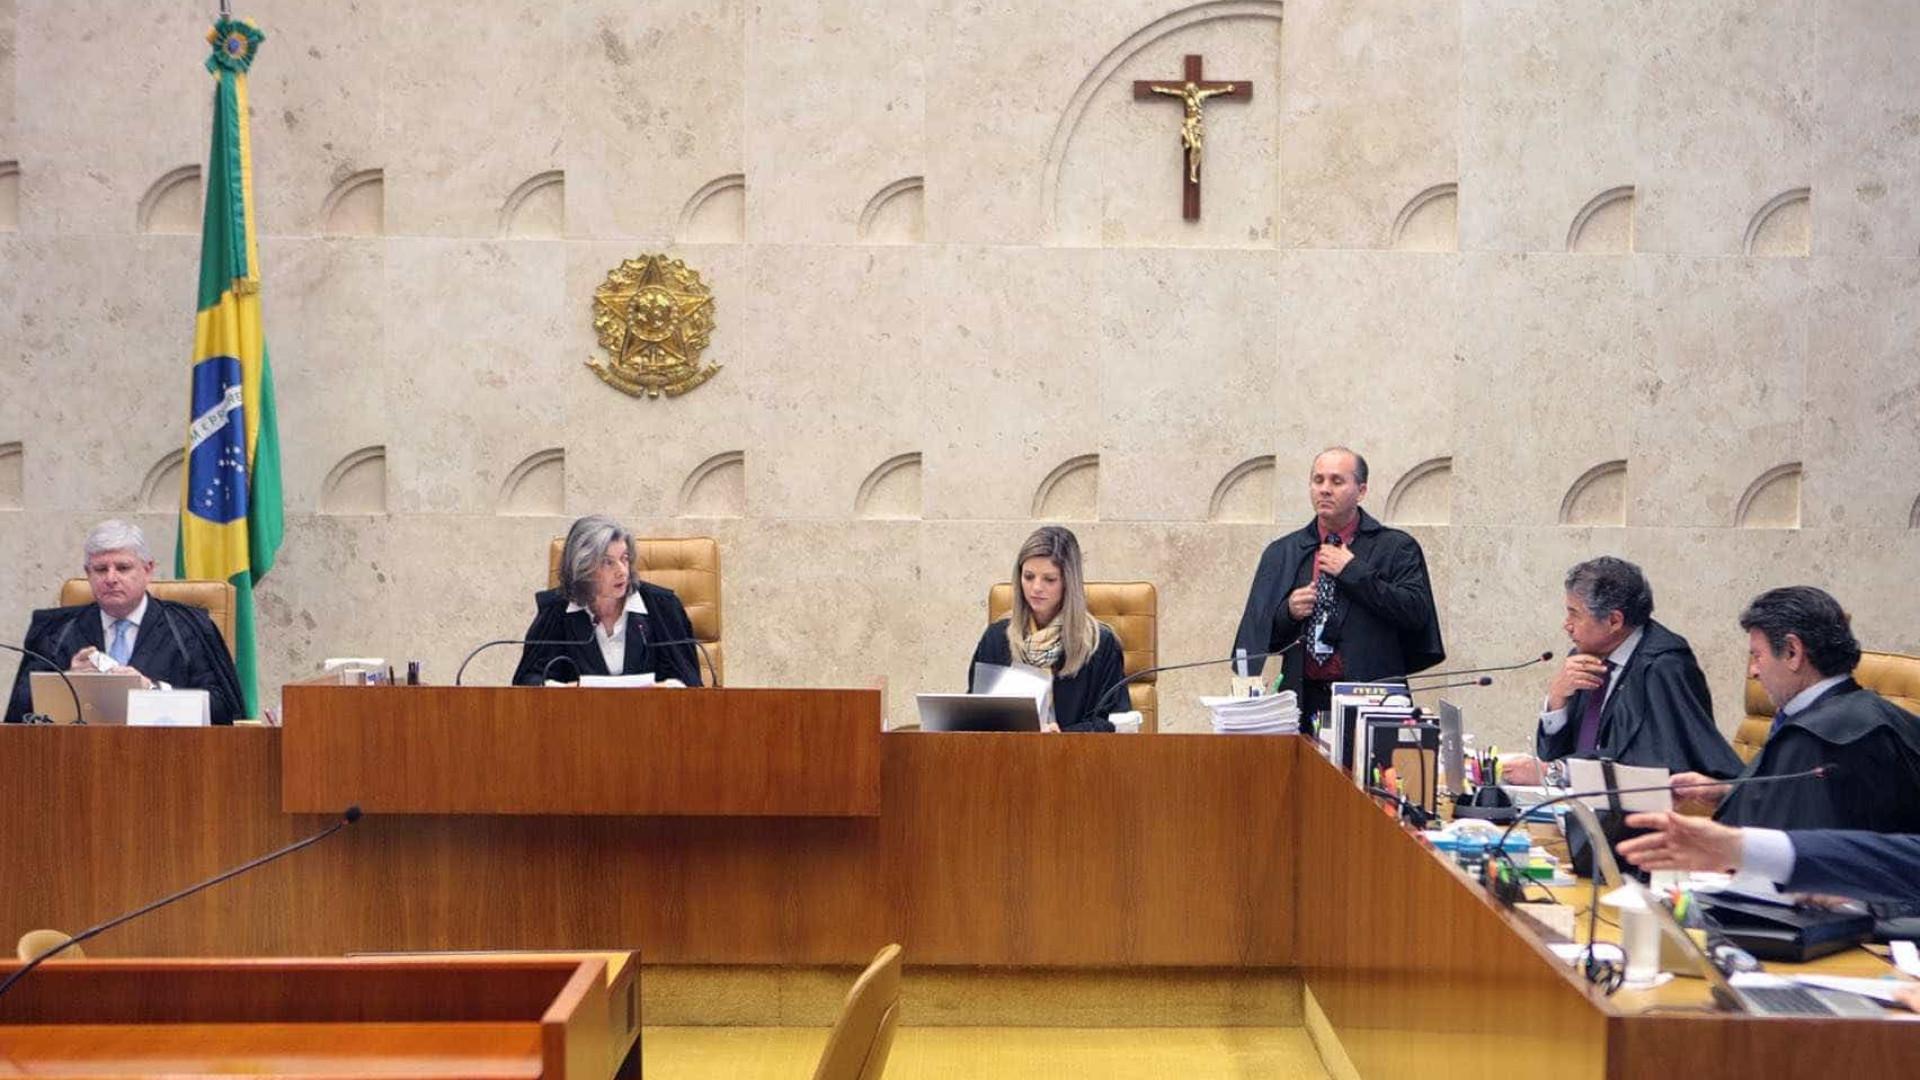 Ministros do STF divergem sobre  escolha de relator da Lava Jato